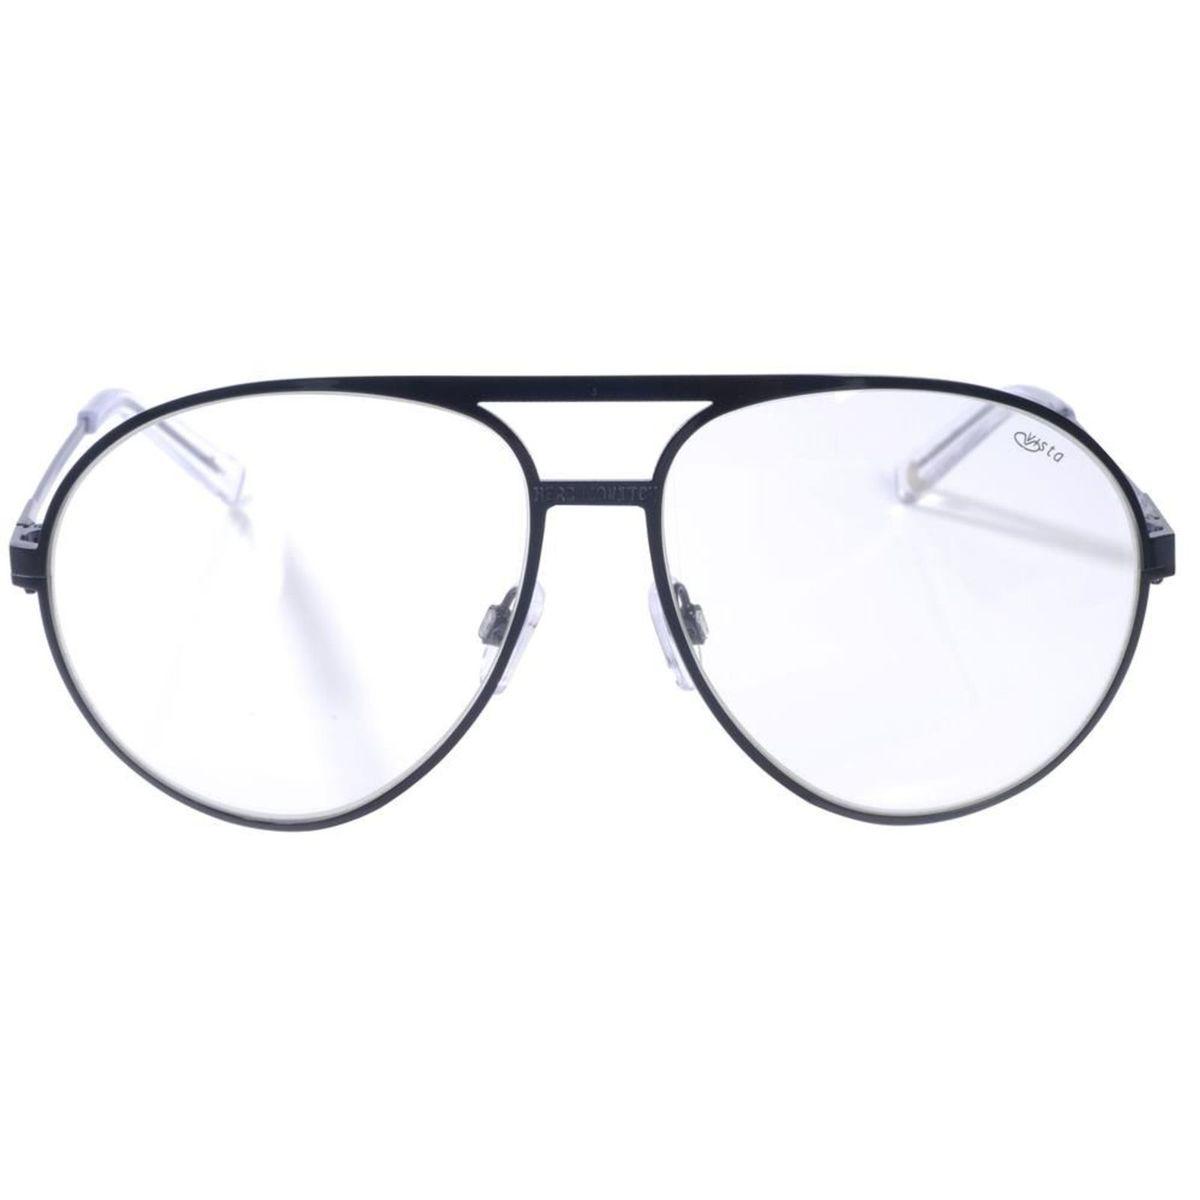 9ec8aef491183 com lente de descanso - óculos chilli beans.  Czm6ly9wag90b3muzw5qb2vplmnvbs5ici9wcm9kdwn0cy8zmdm5ndqvotu1zwjmmjg5nmqymju2zdrizmfjntzlzjbkyze2owuuanbn  ...